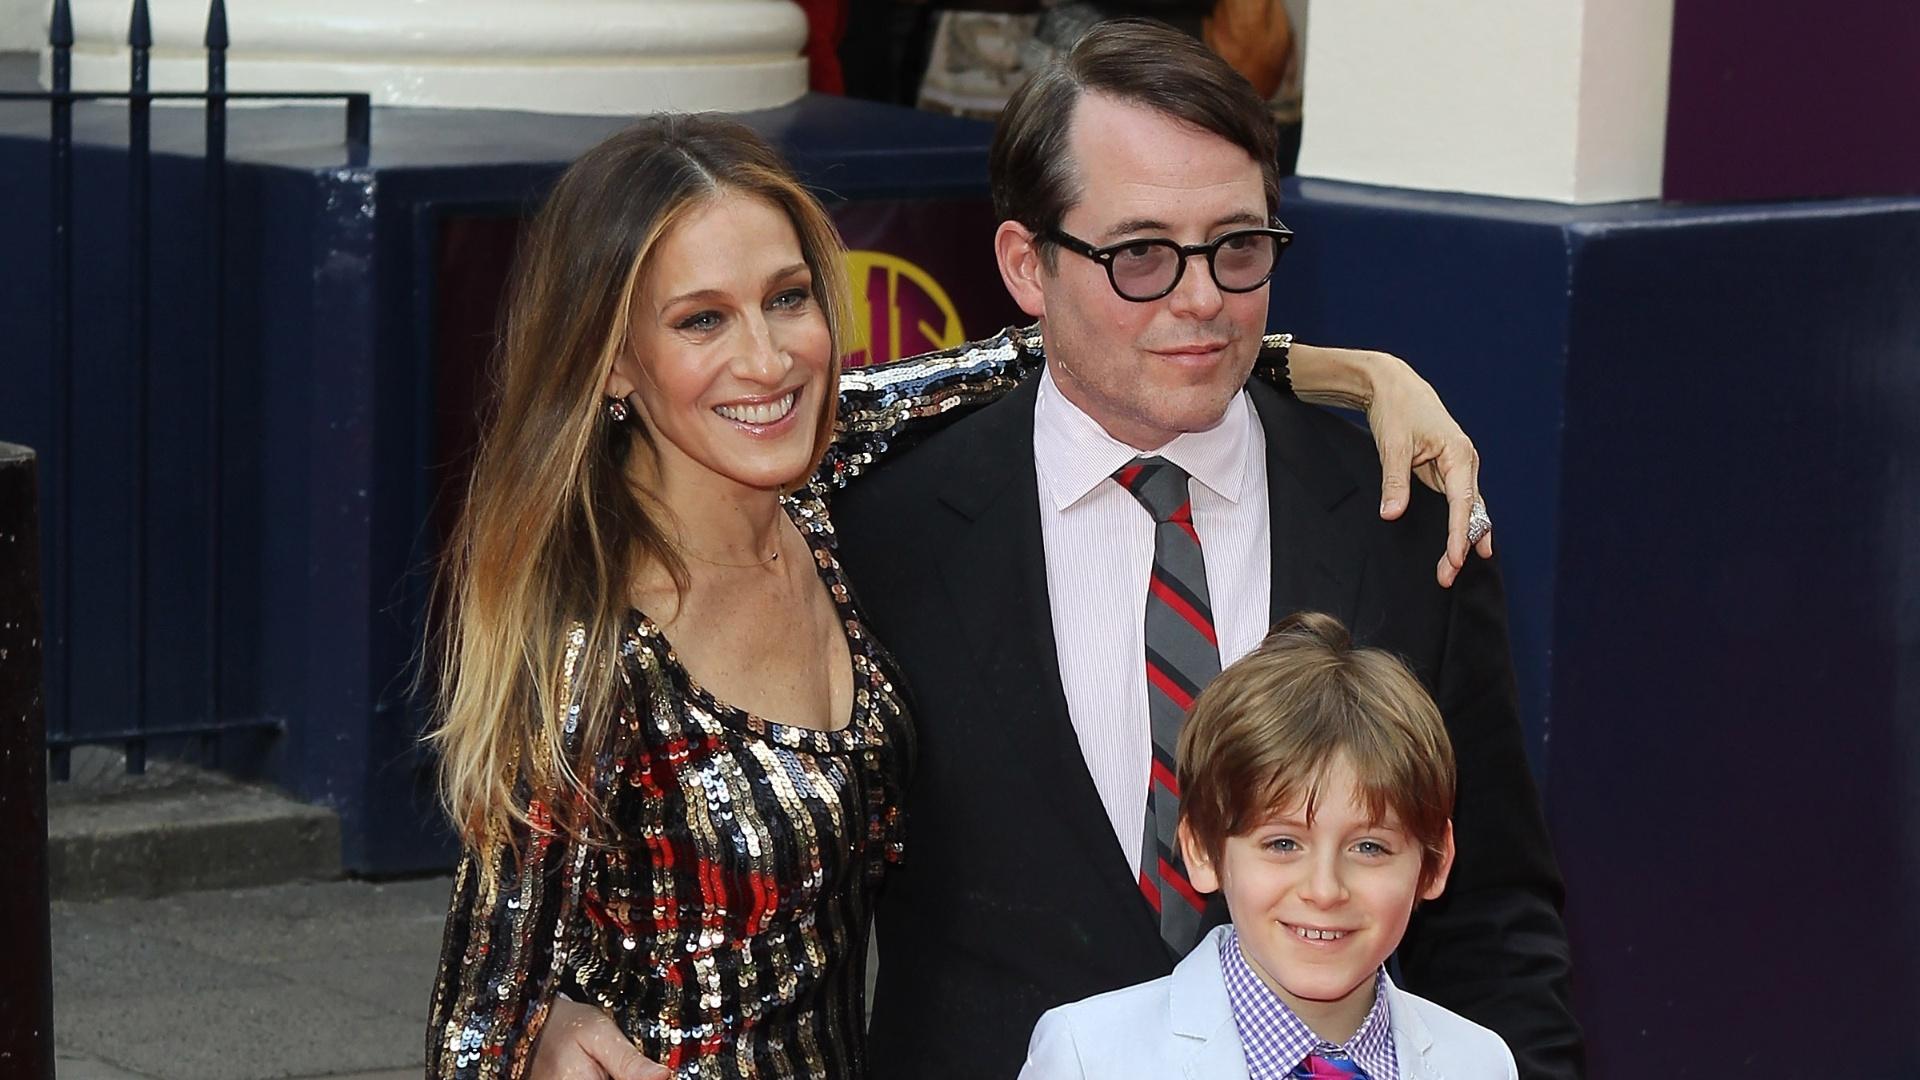 25.jun.2013 - Filho de Sarah Jessica Parker e Matthew Broderick acompanha os pais no tapete vermelho pela primeira vez